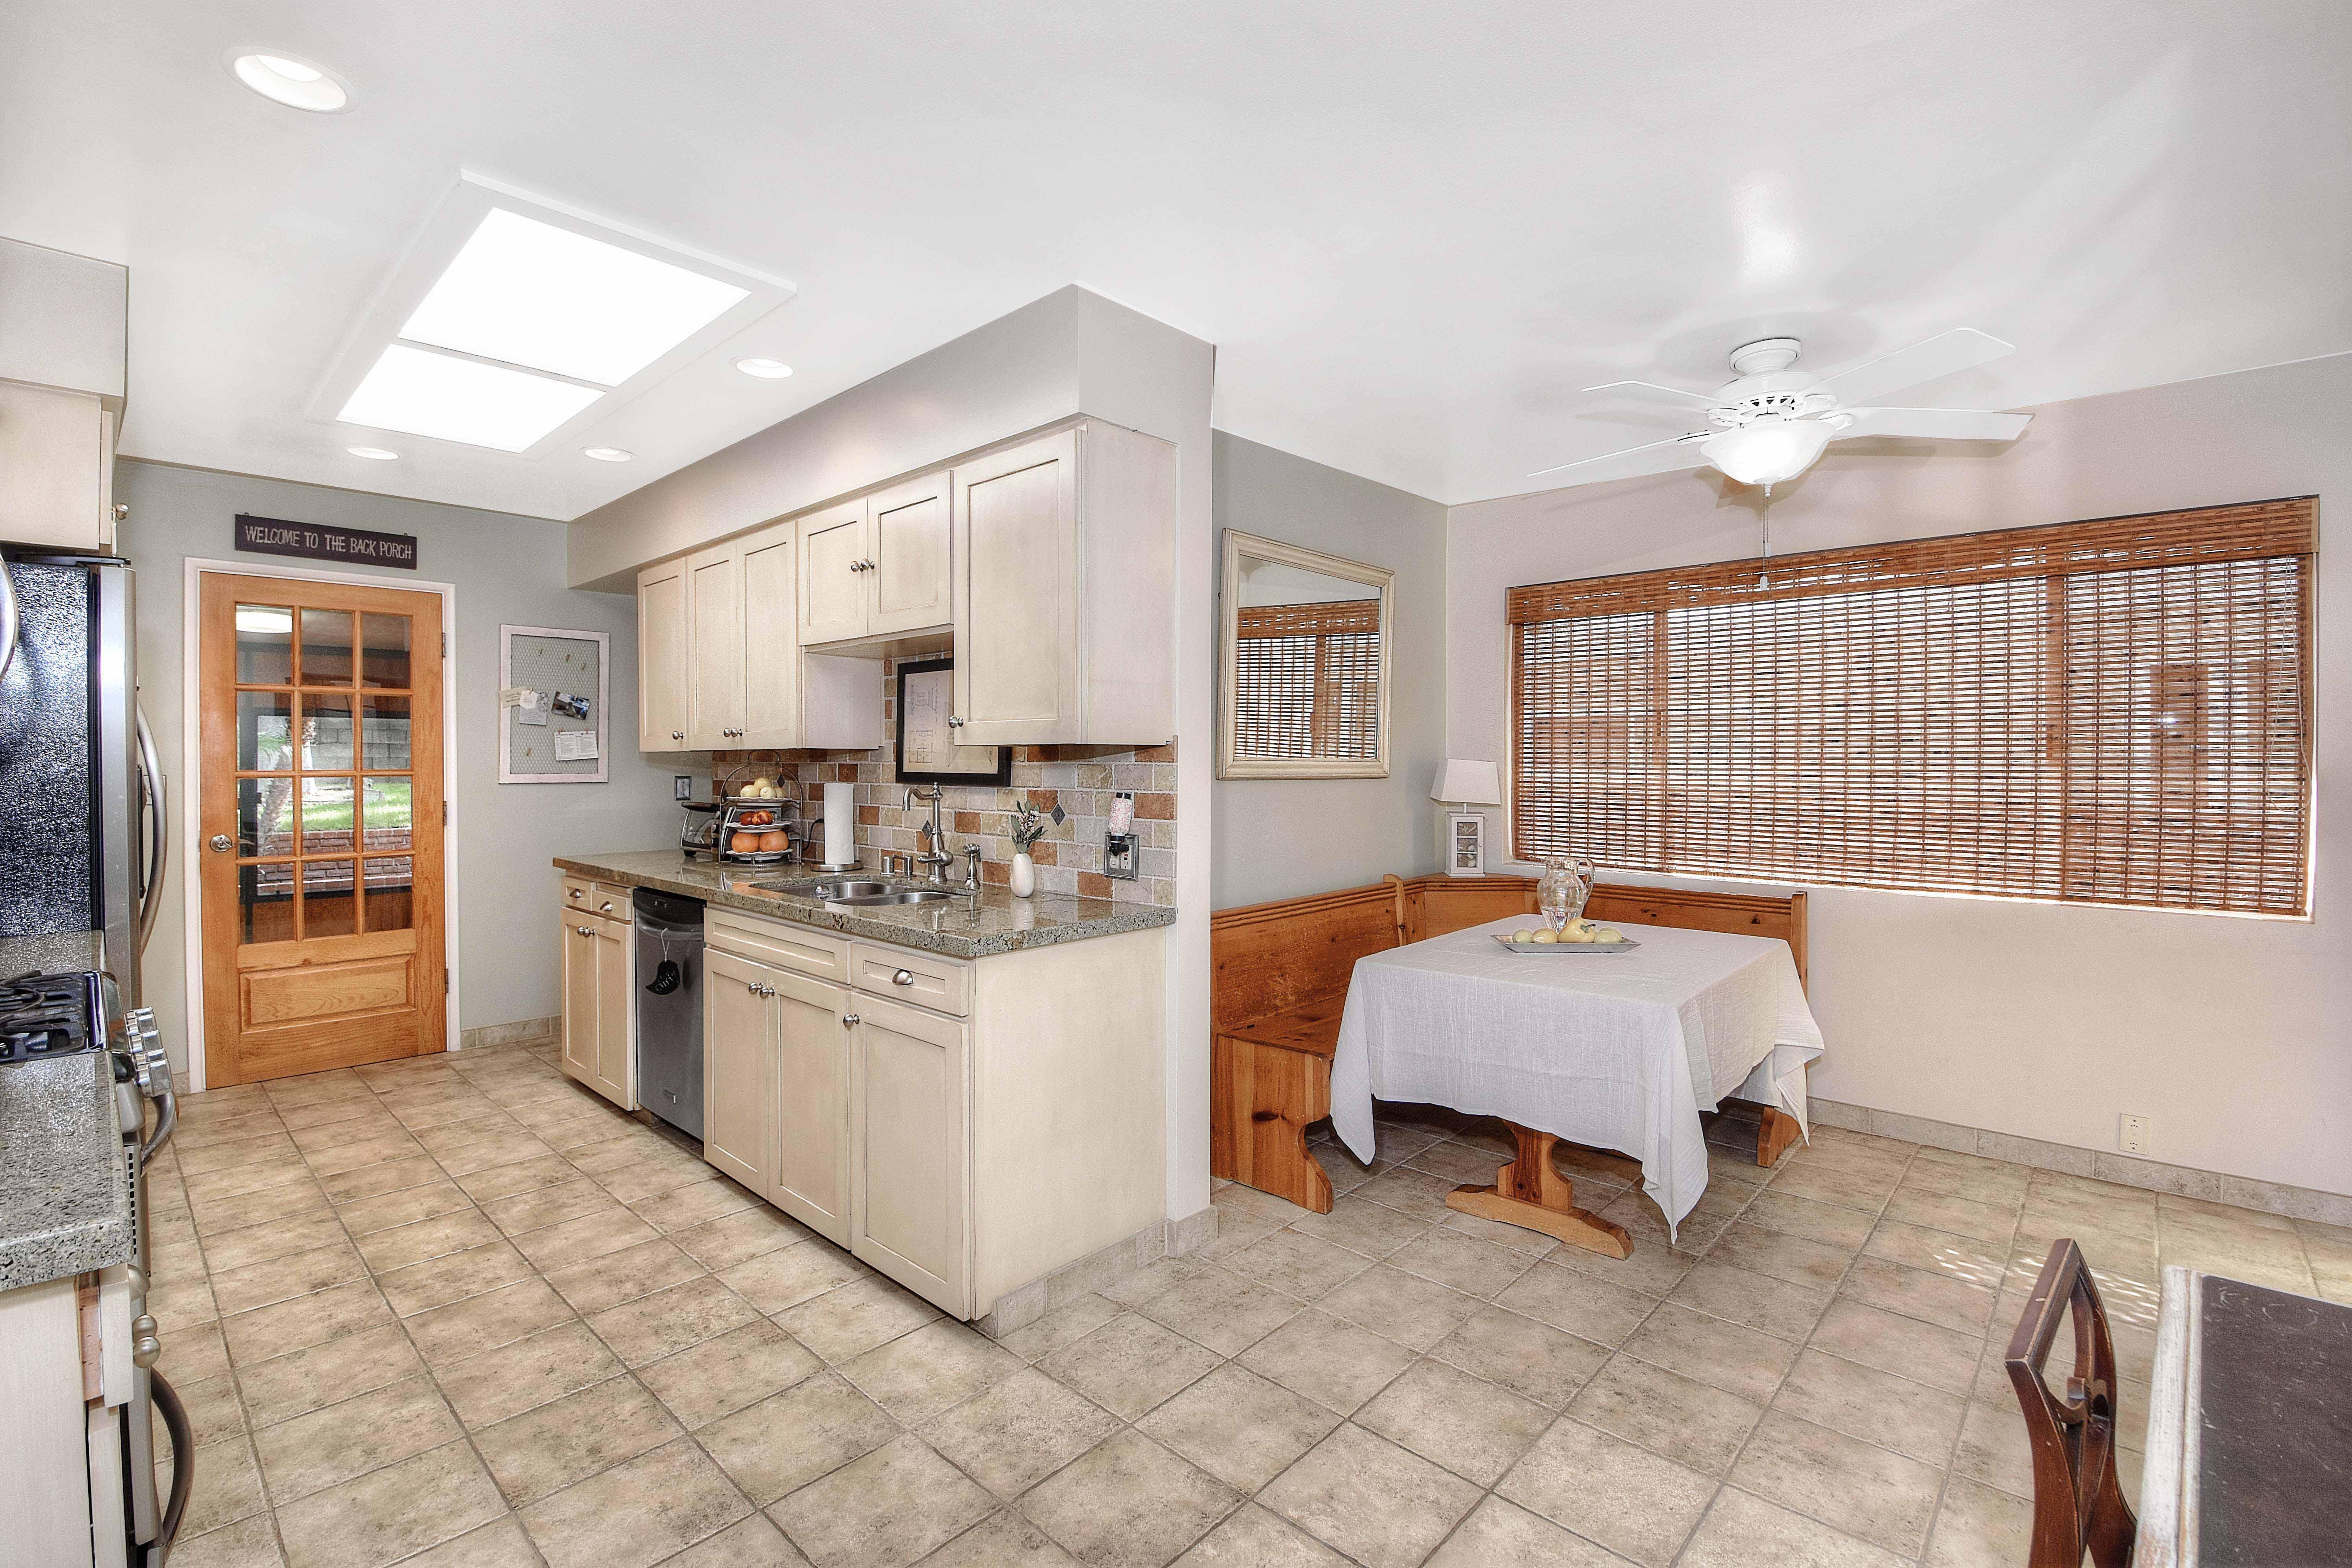 417-Via-Pasqual-kitchen4